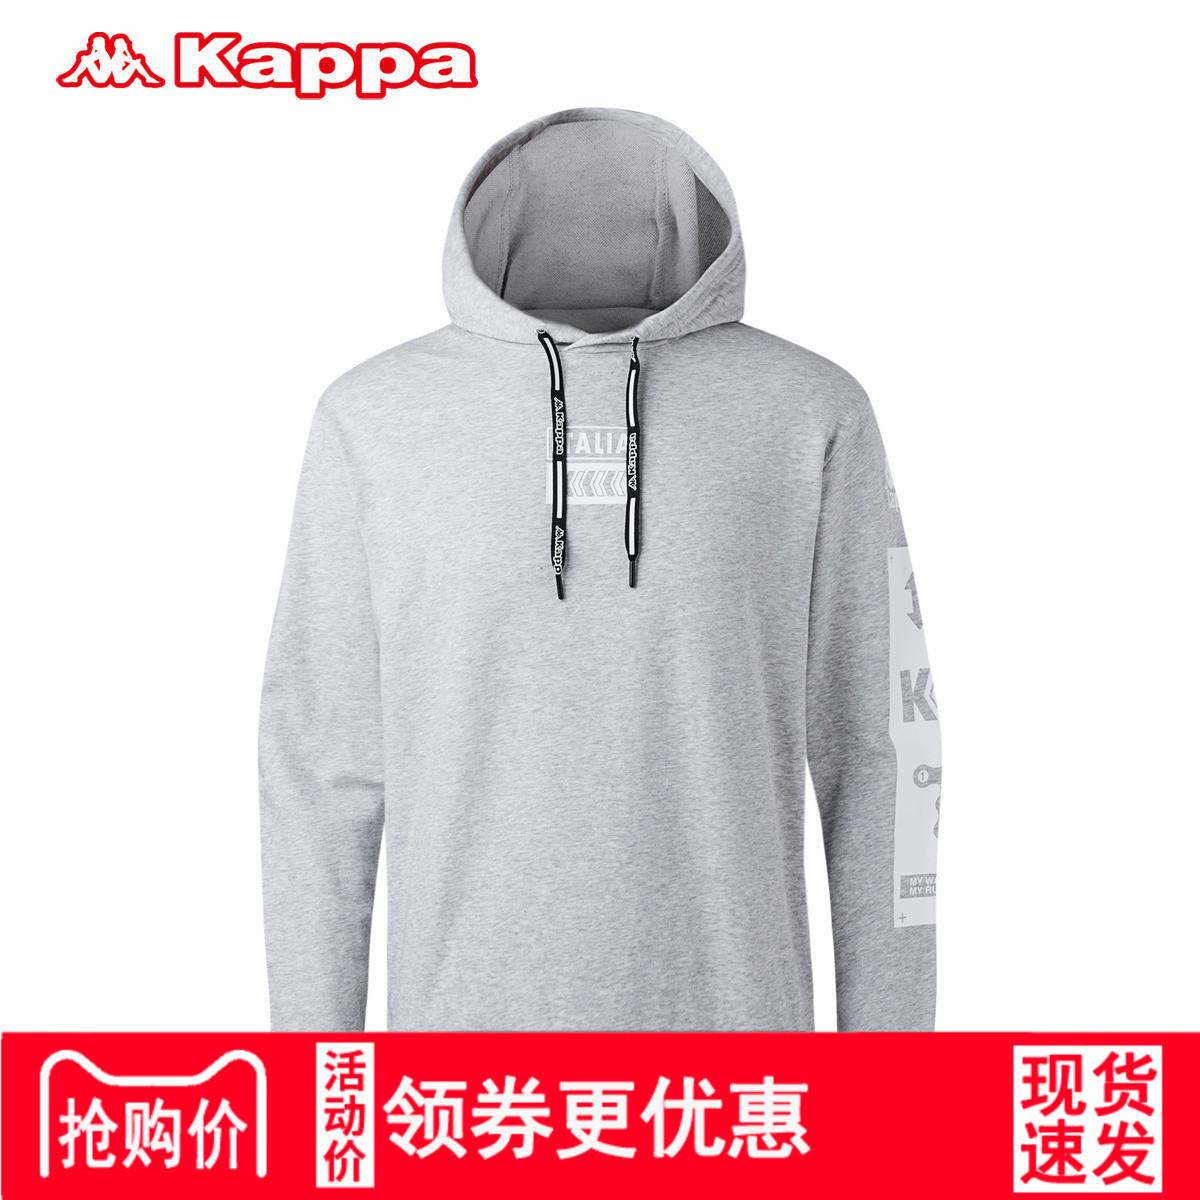 Kappa卡帕男装运动卫衣 套头帽衫运动服上衣男2018外套K0815MT30D